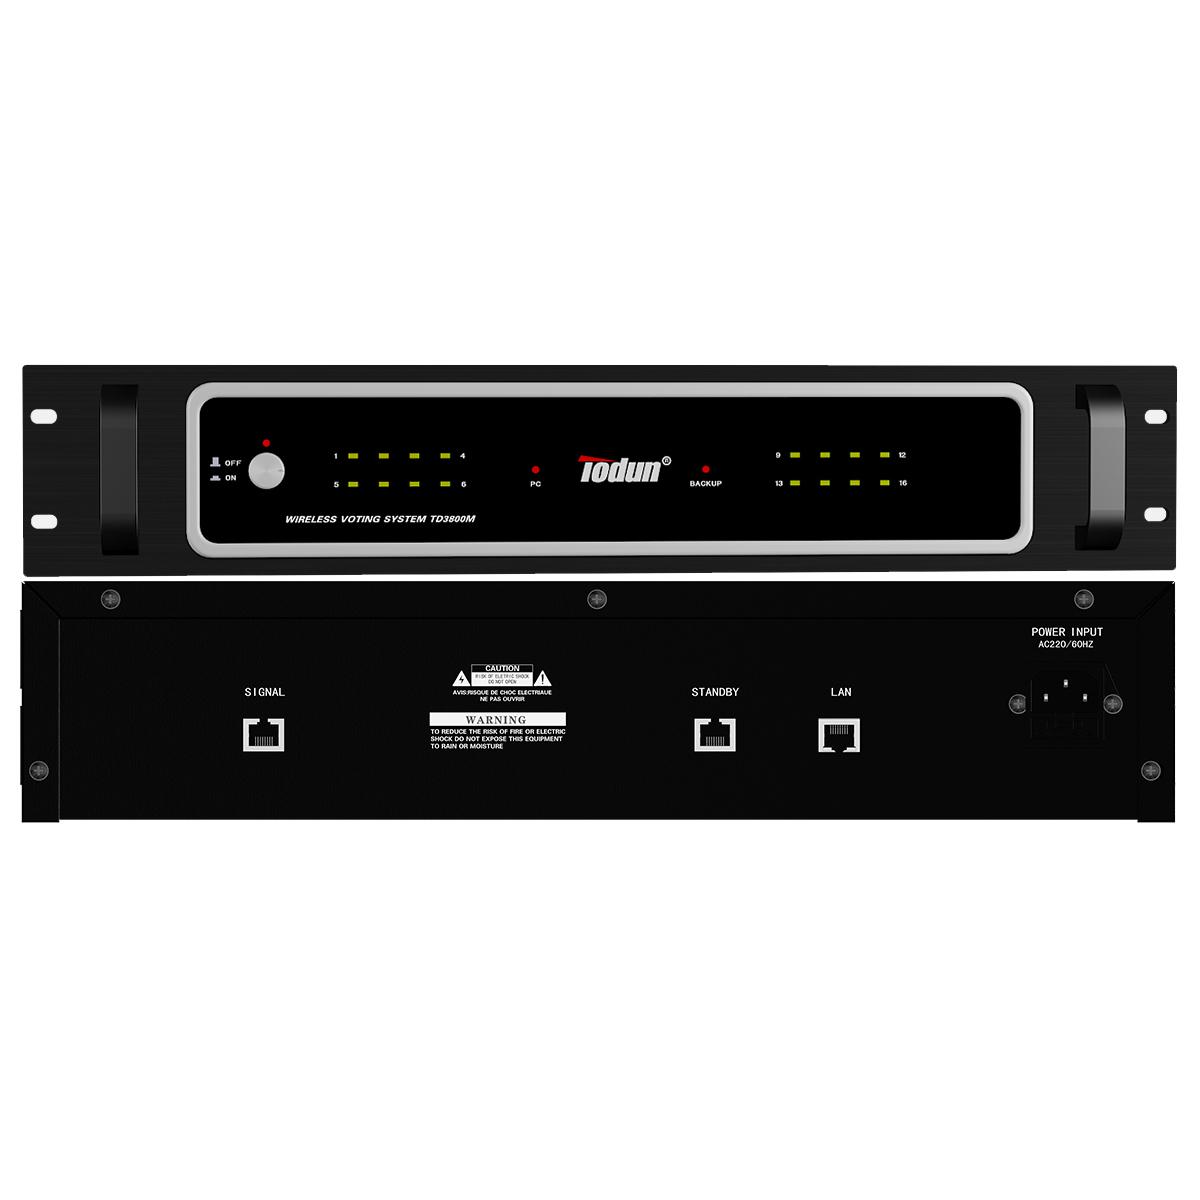 表决系统 TD3800  产品宣传片